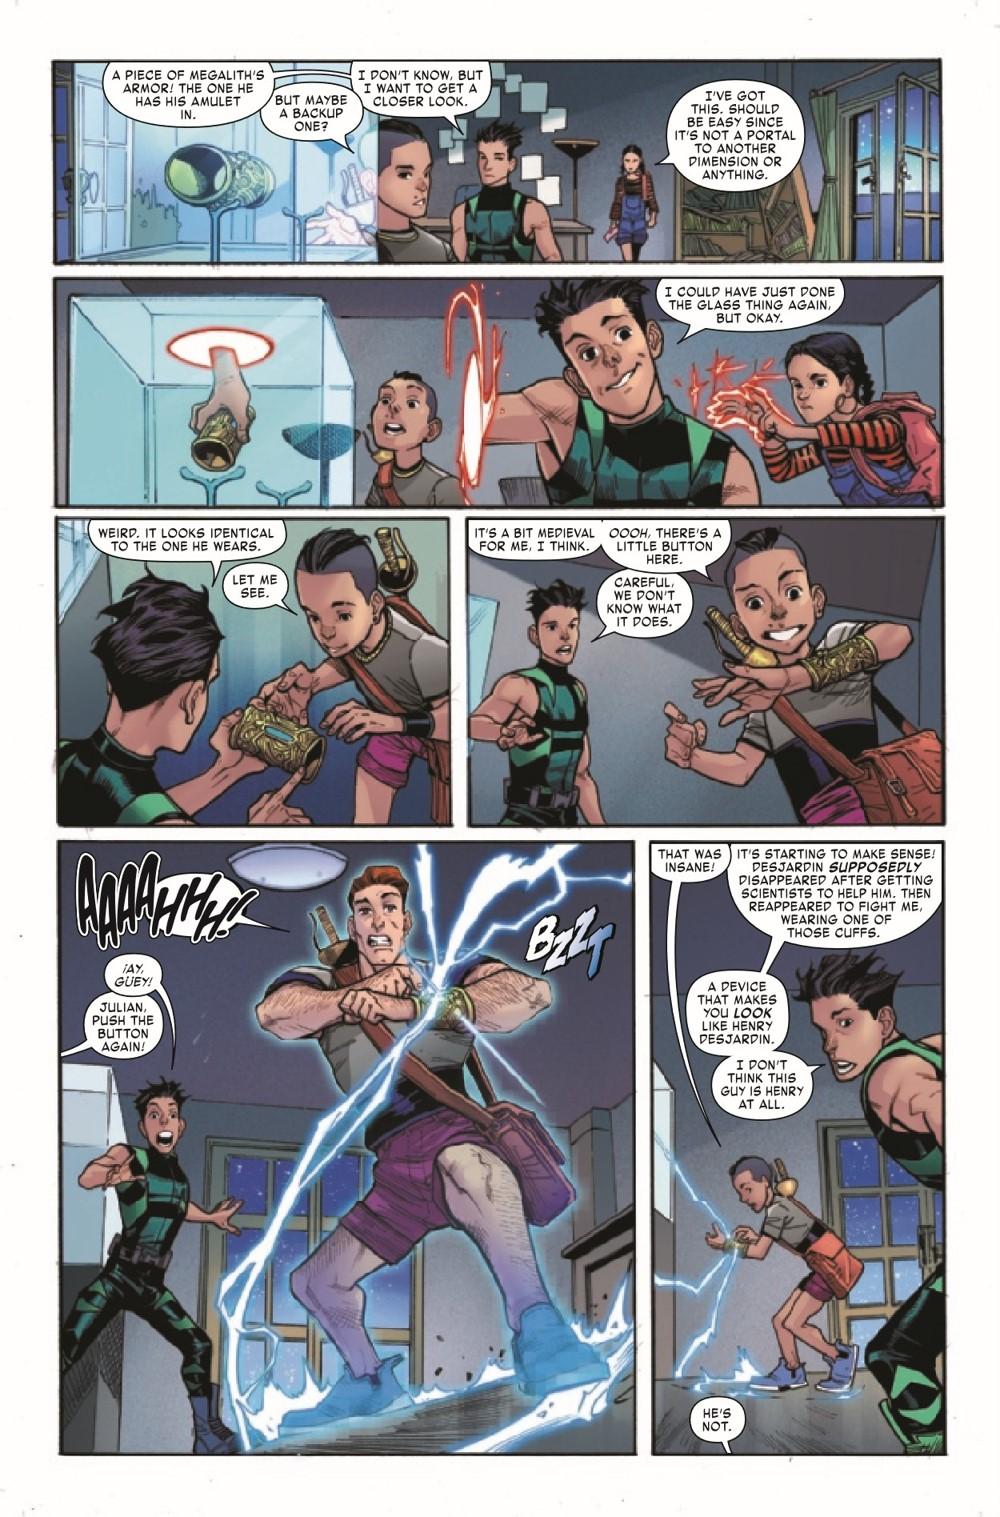 REPTIL2021003_Preview-6 ComicList Previews: REPTIL #3 (OF 4)